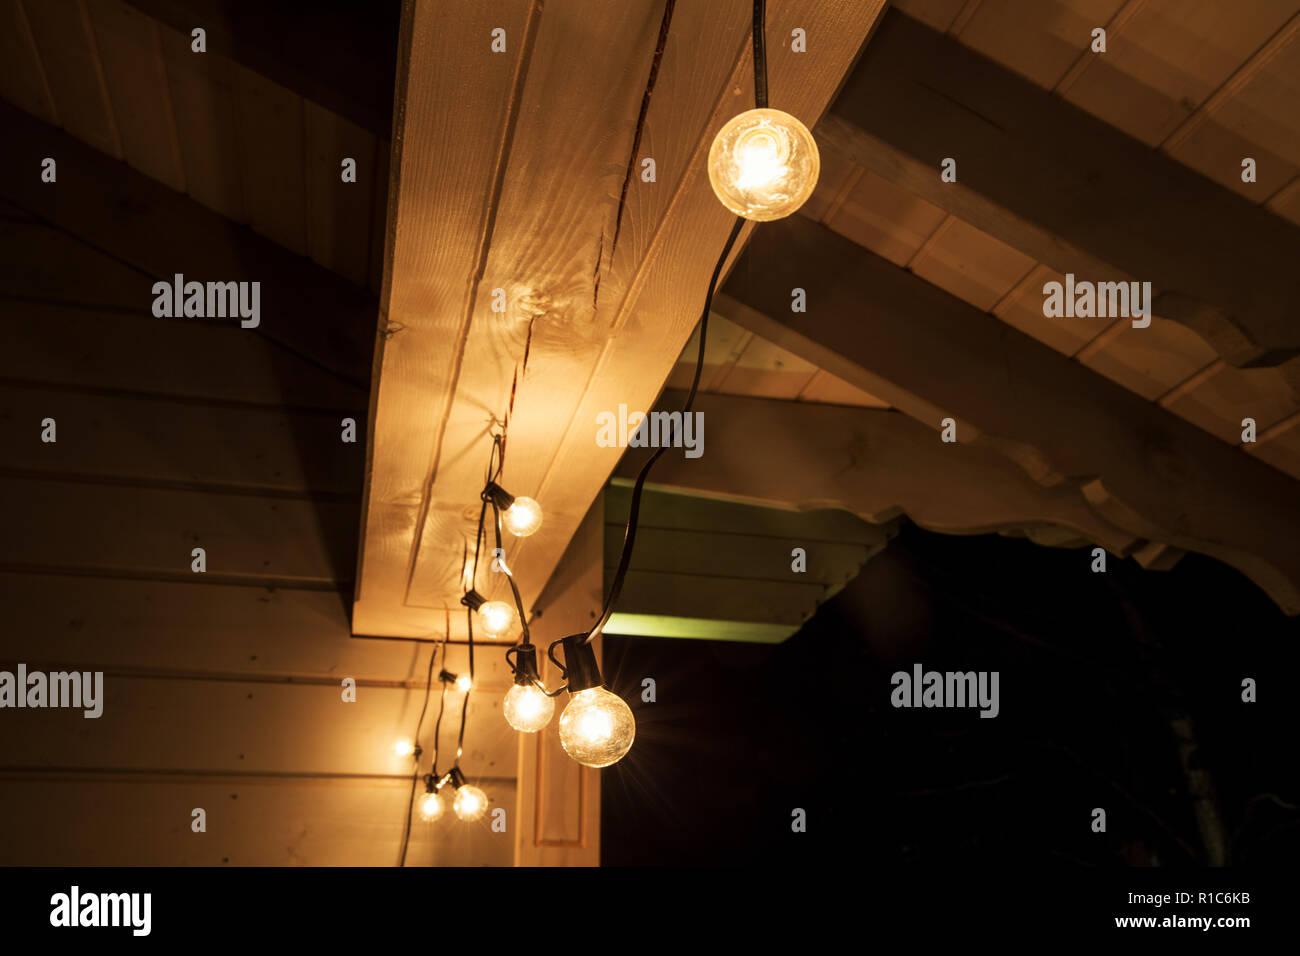 Decorative luci strada appeso sulla terrazza di una casa in legno